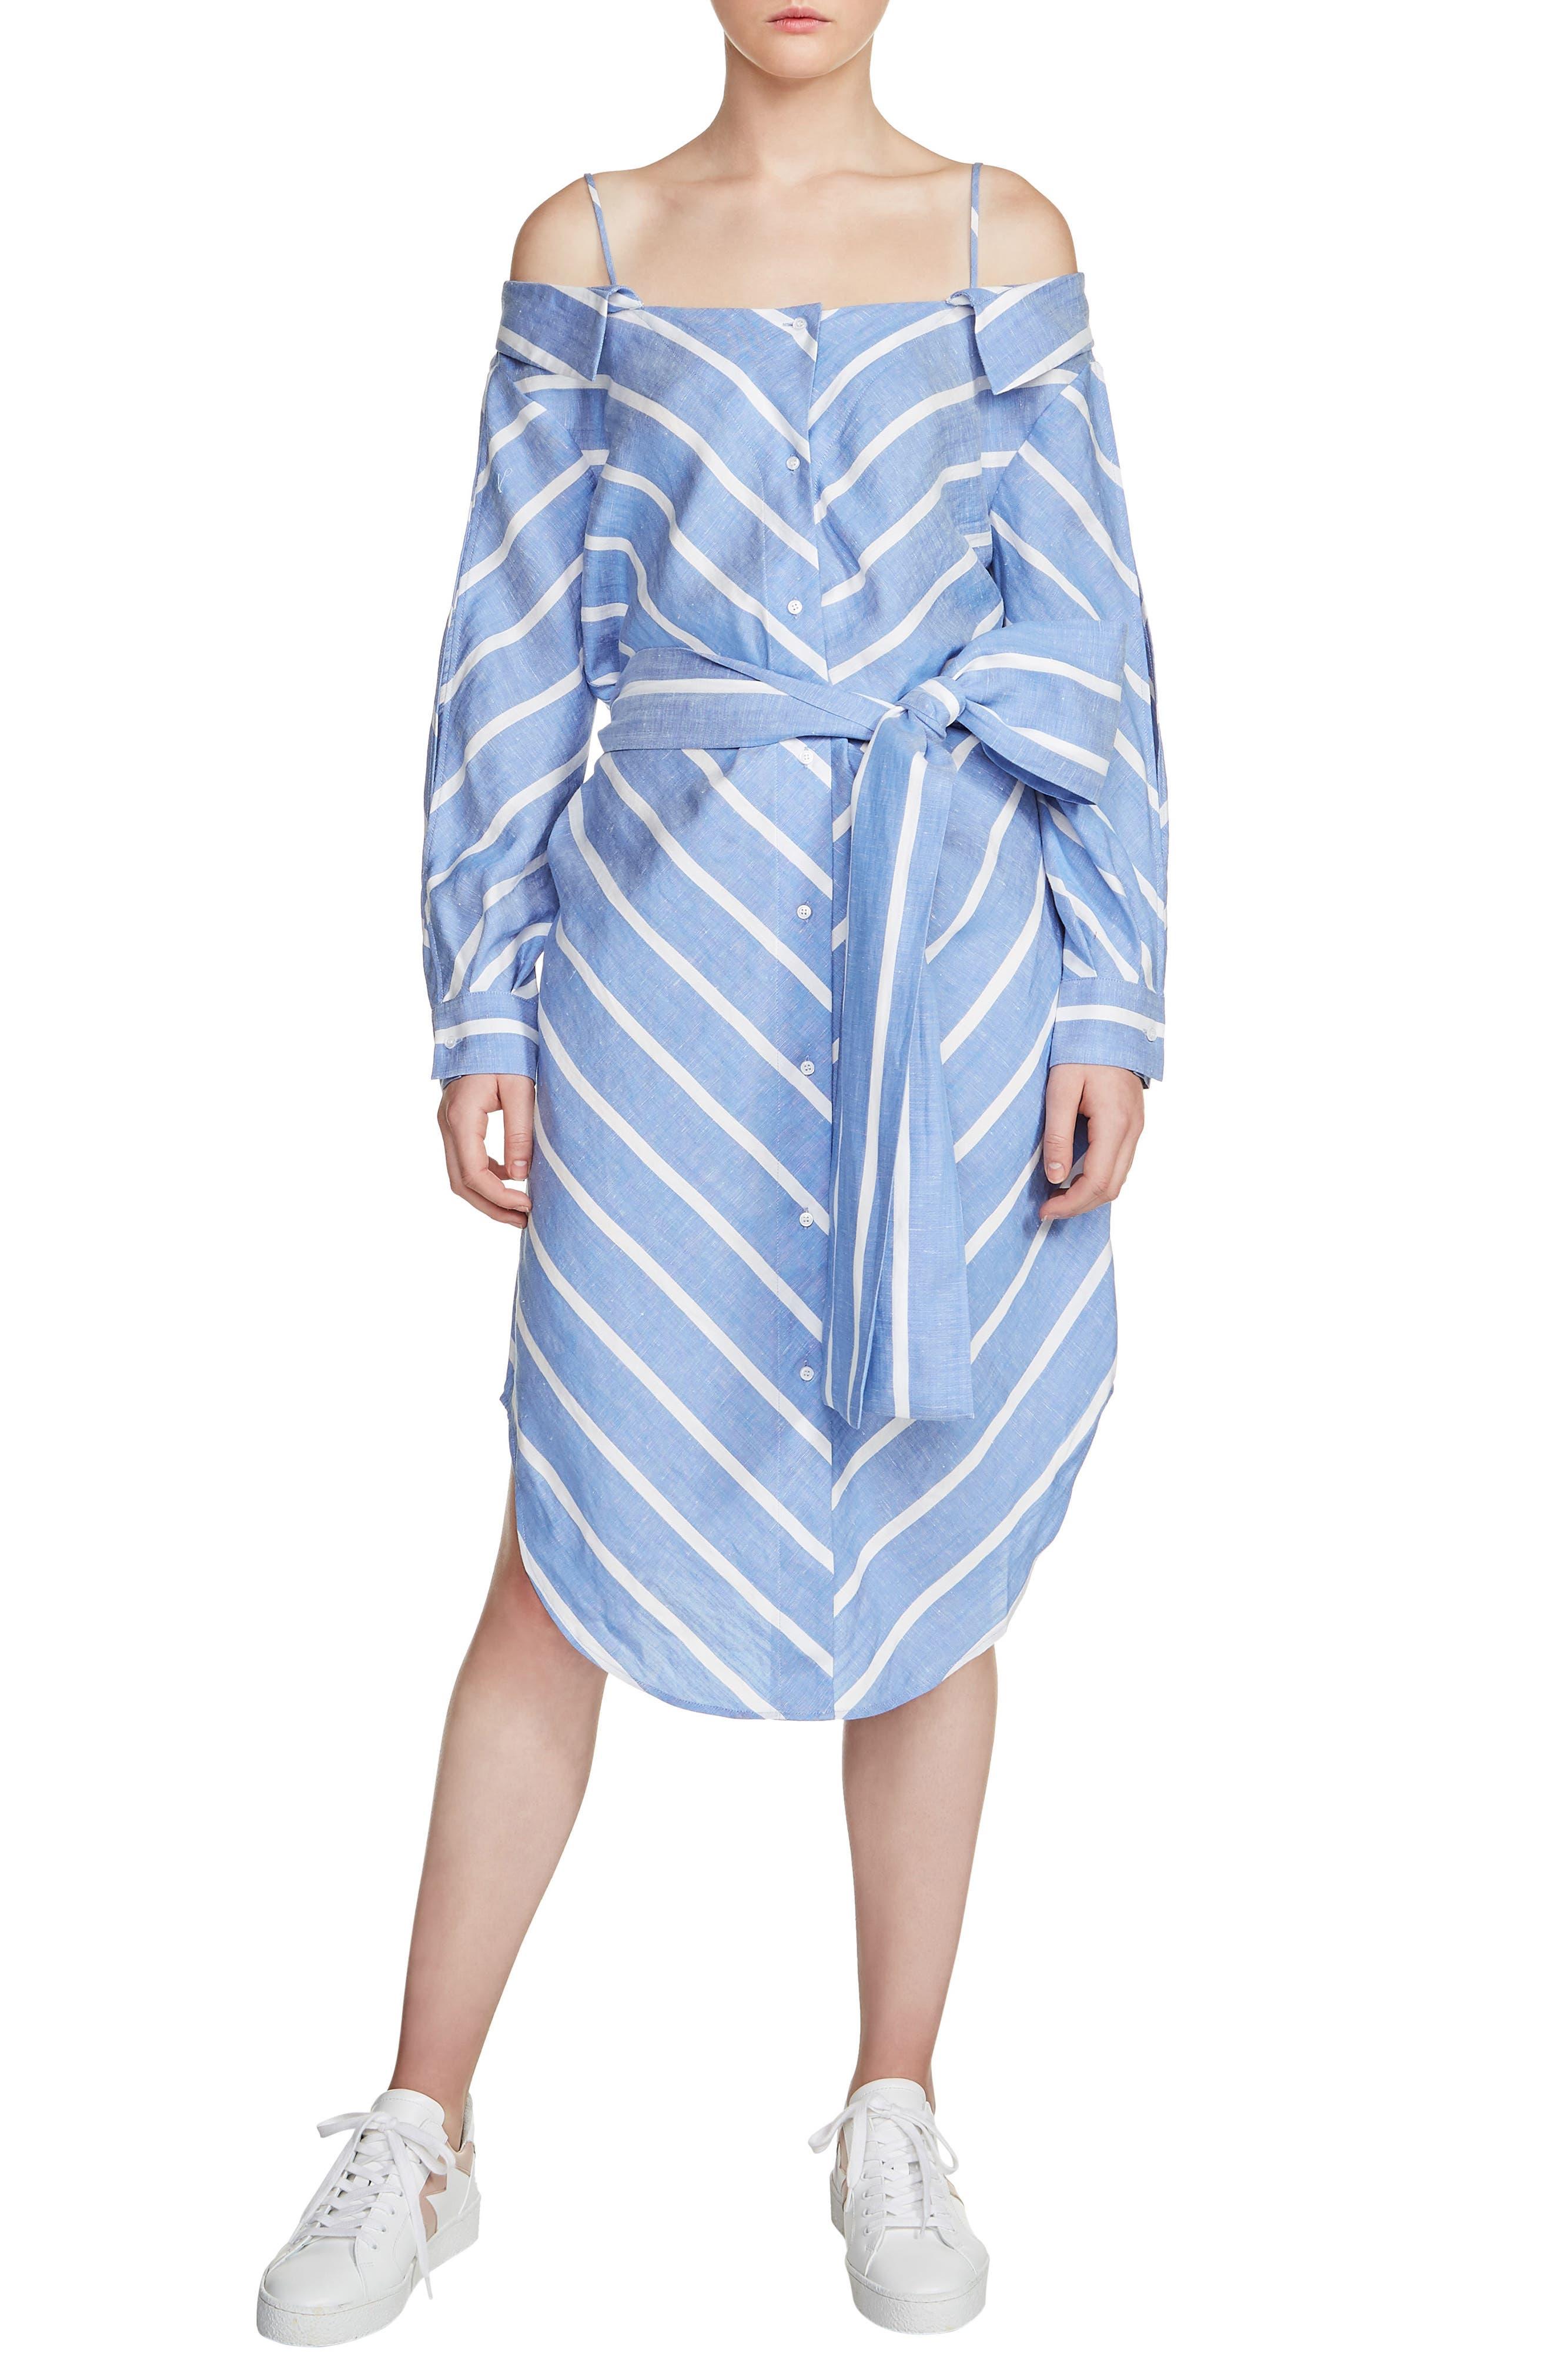 Rulylle Cold Shoulder Shirtdress,                         Main,                         color, 400